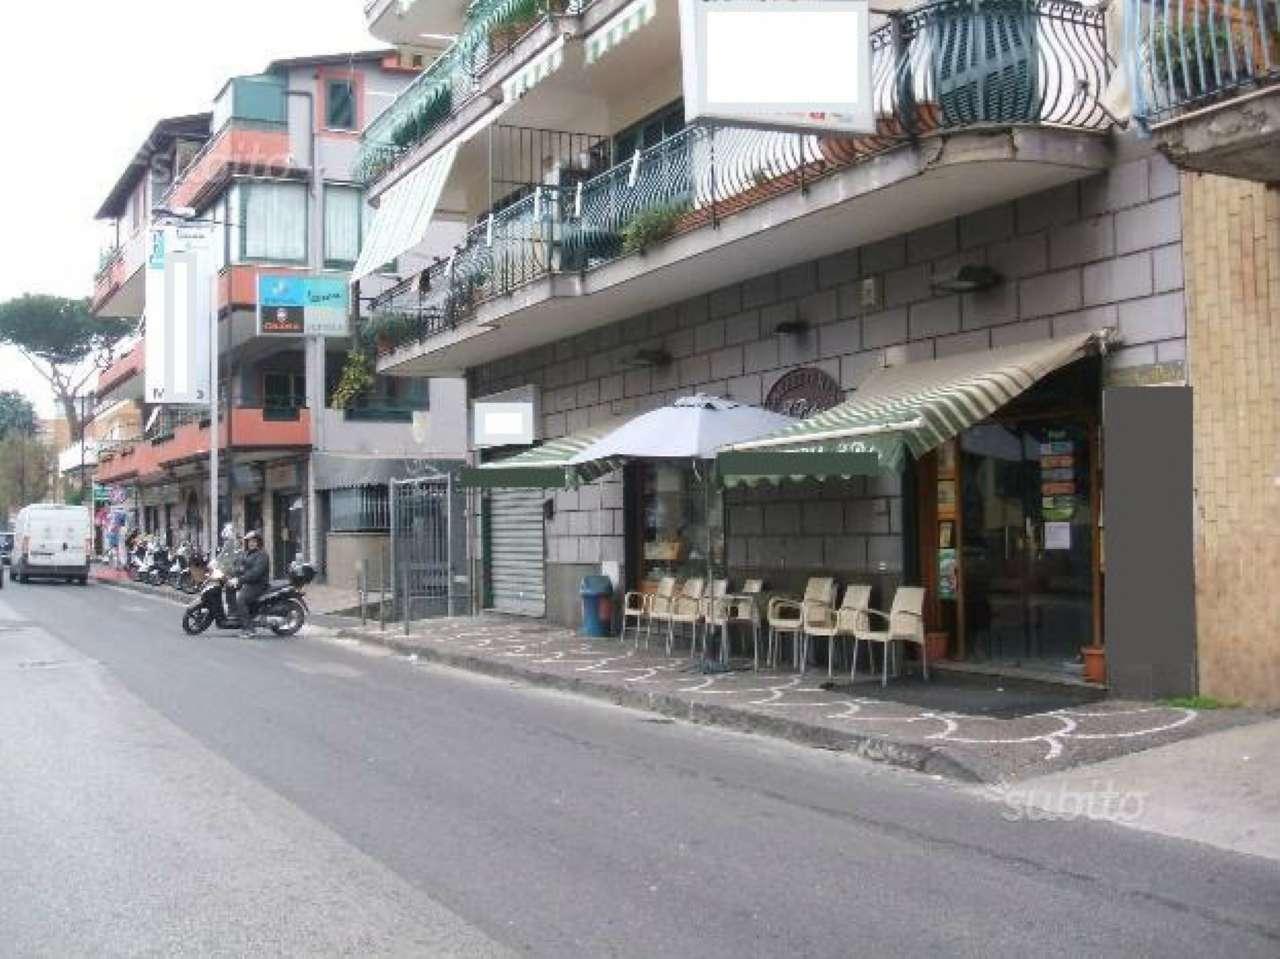 Negozio / Locale in vendita a Giugliano in Campania, 2 locali, prezzo € 185.000   CambioCasa.it